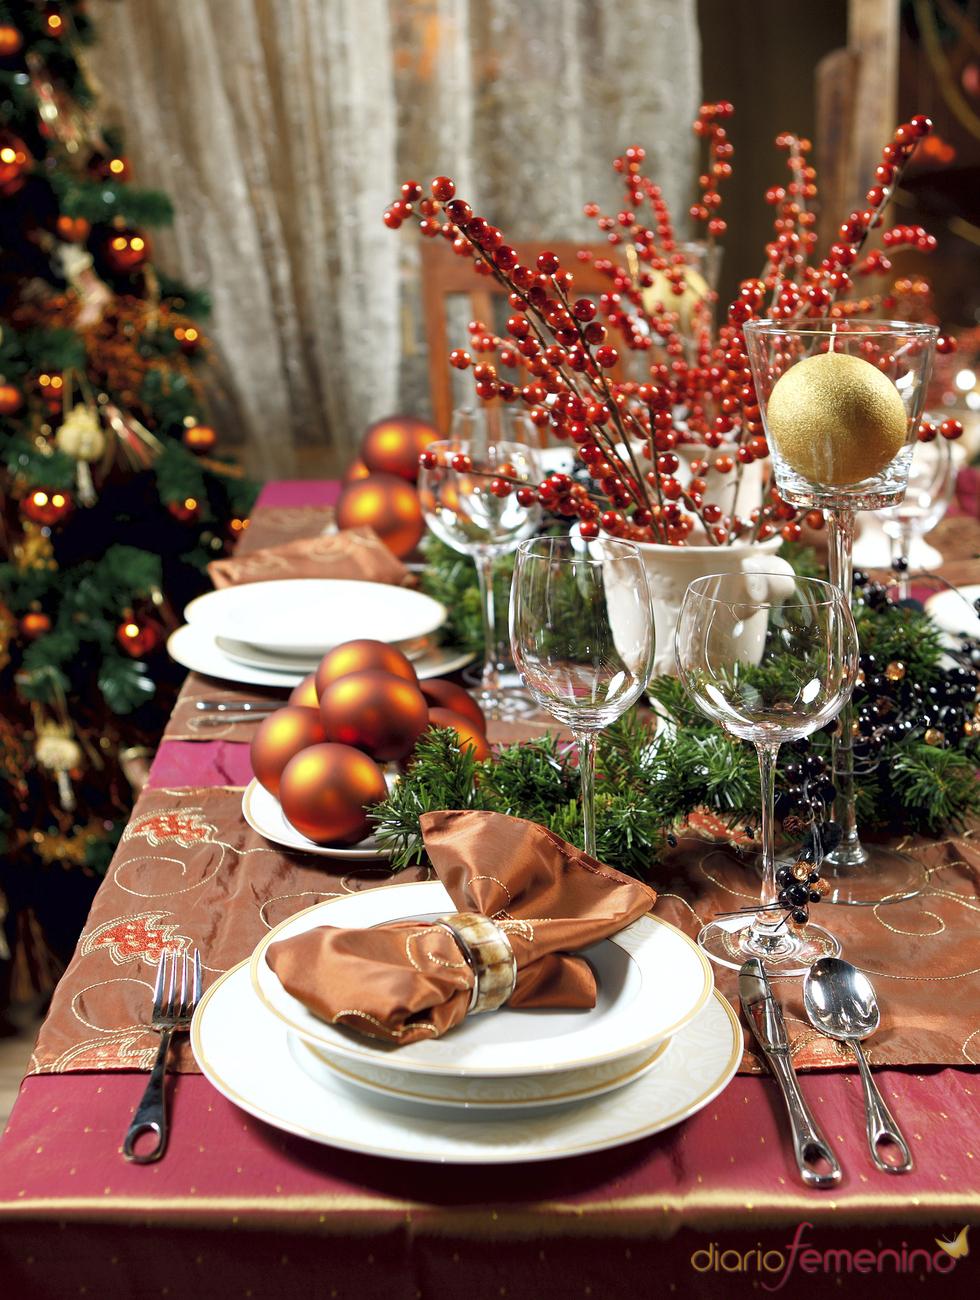 Caminos para mesa de navidad imagui - Mesa para navidad decoracion ...